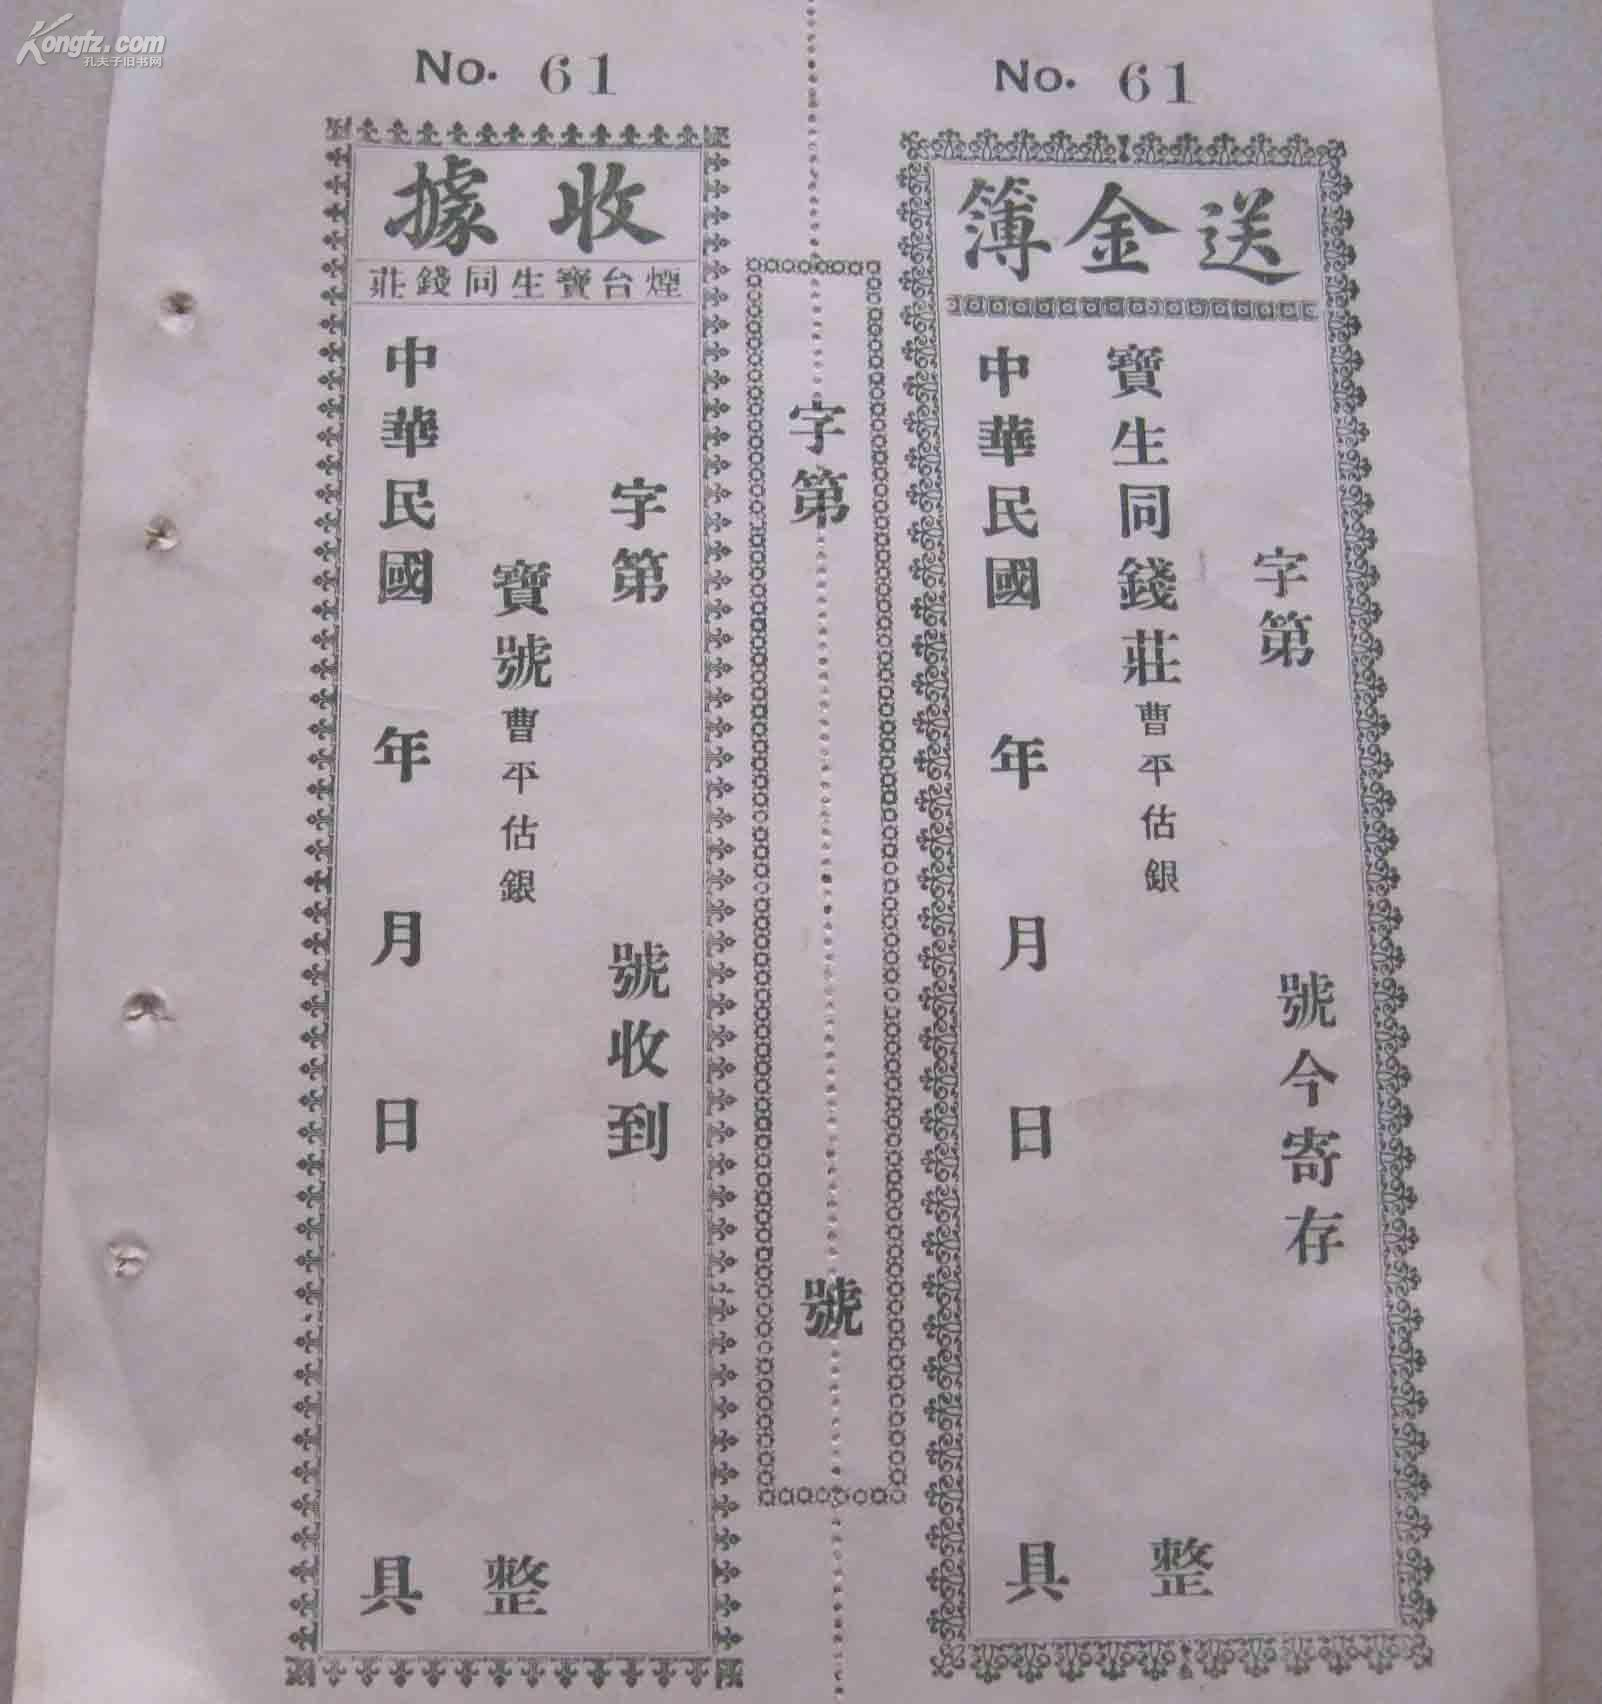 民国  烟台宝生同钱庄  送金簿 一张  尺寸为 23*17cm